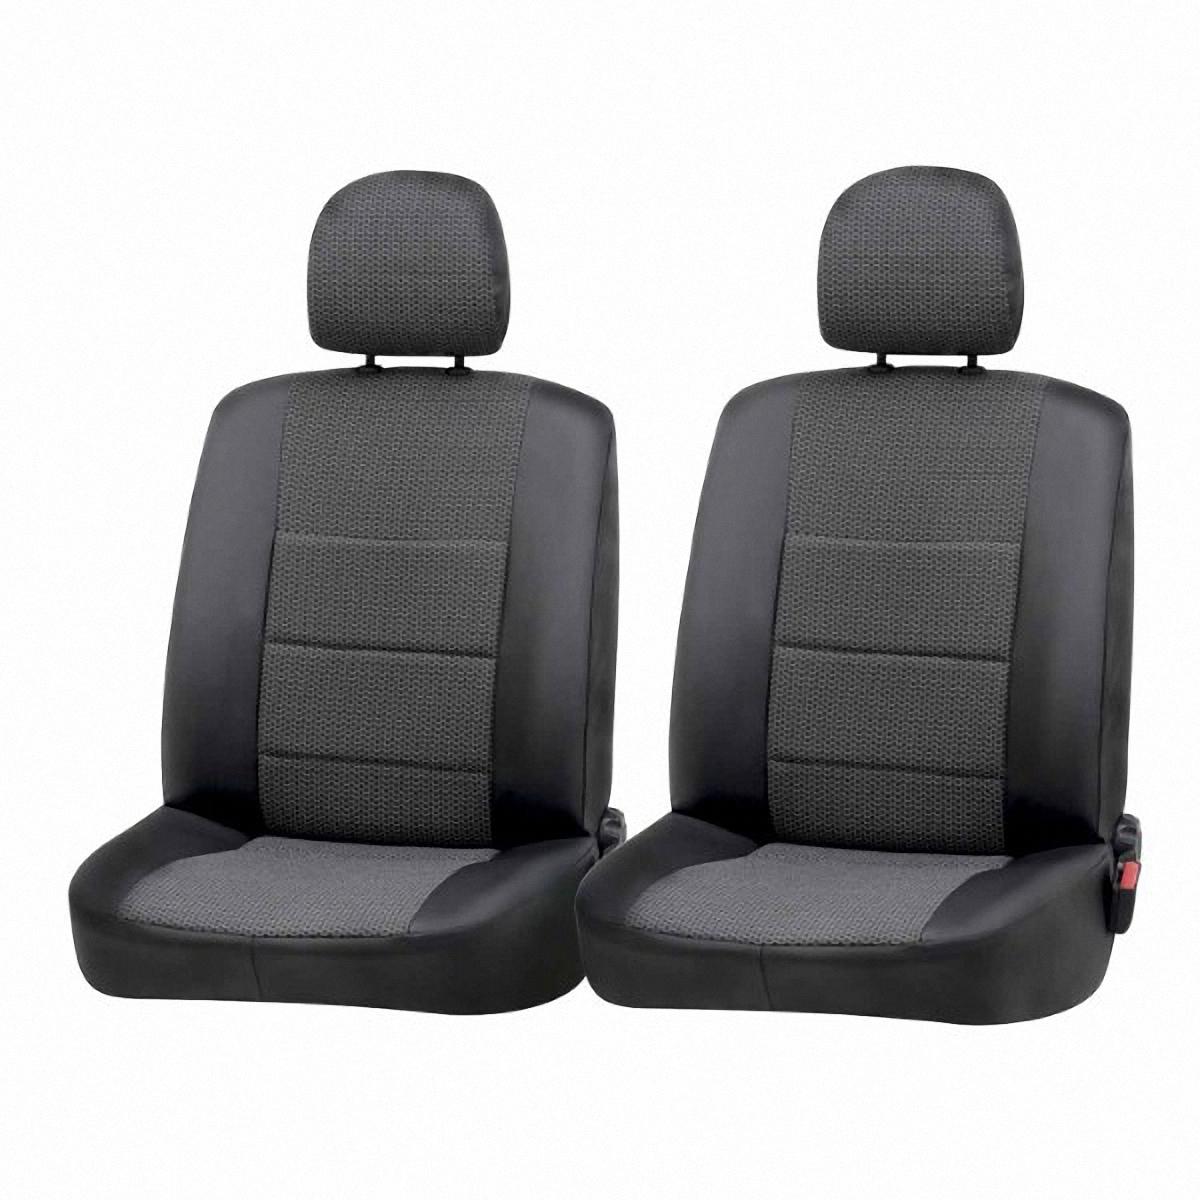 Чехлы автомобильные Skyway, для Chevrolet Niva 2014-, раздельный задний рядCh1-2КАвтомобильные чехлы Skyway изготовлены из качественного жаккарда и экокожи. Чехлы идеально повторяют штатную форму сидений и выглядят как оригинальная обивка сидений. Разработаны индивидуально для каждой модели автомобиля. Авточехлы Skyway просты в уходе - загрязнения легко удаляются влажной тканью. Чехлы имеют раздельную схему надевания.В комплекте 12 предметов.